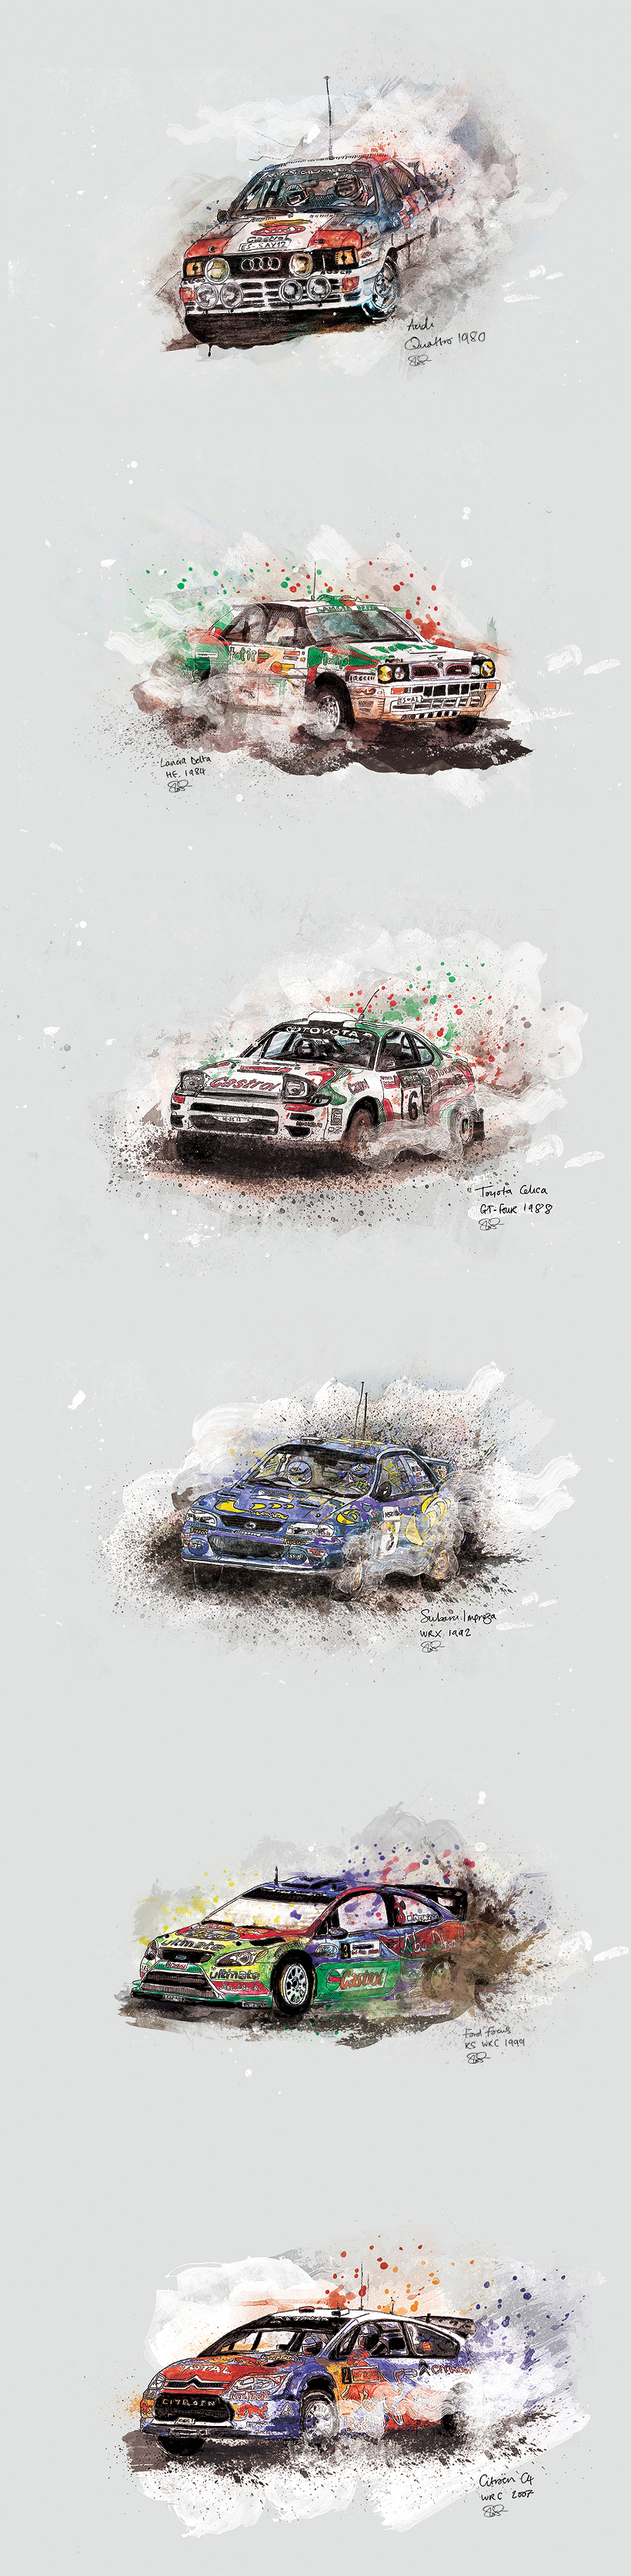 Rally Car Legends by es-aye-em-em-eye